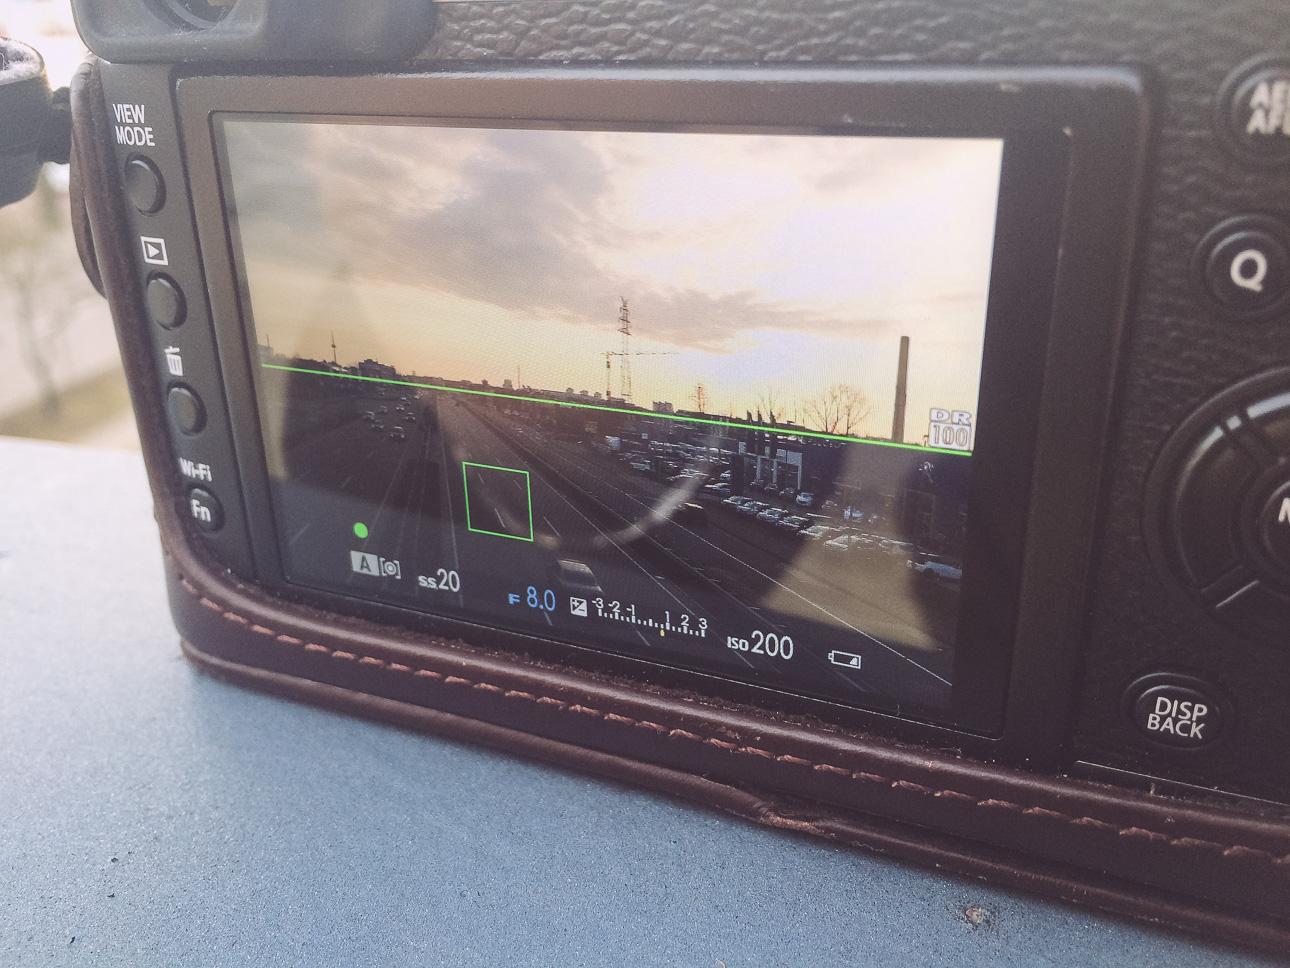 Beispielbild Fuji X100T mit ND-Filter